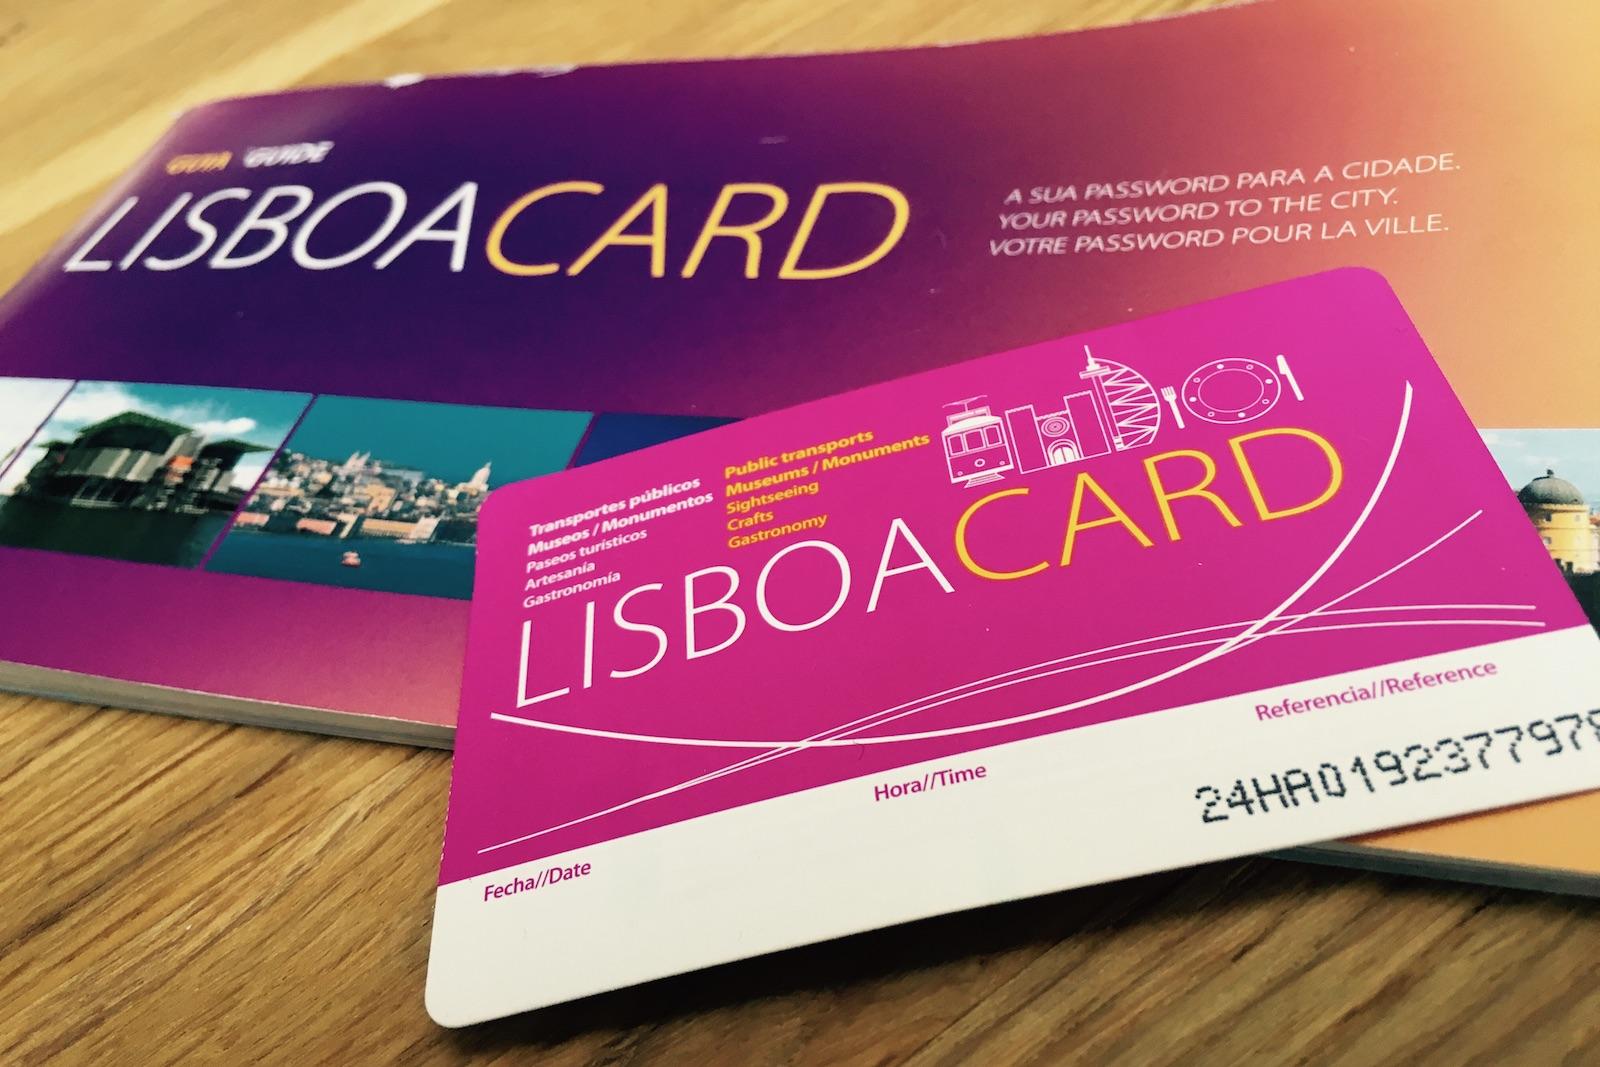 Lisboa Card voor de metro in Lissabon